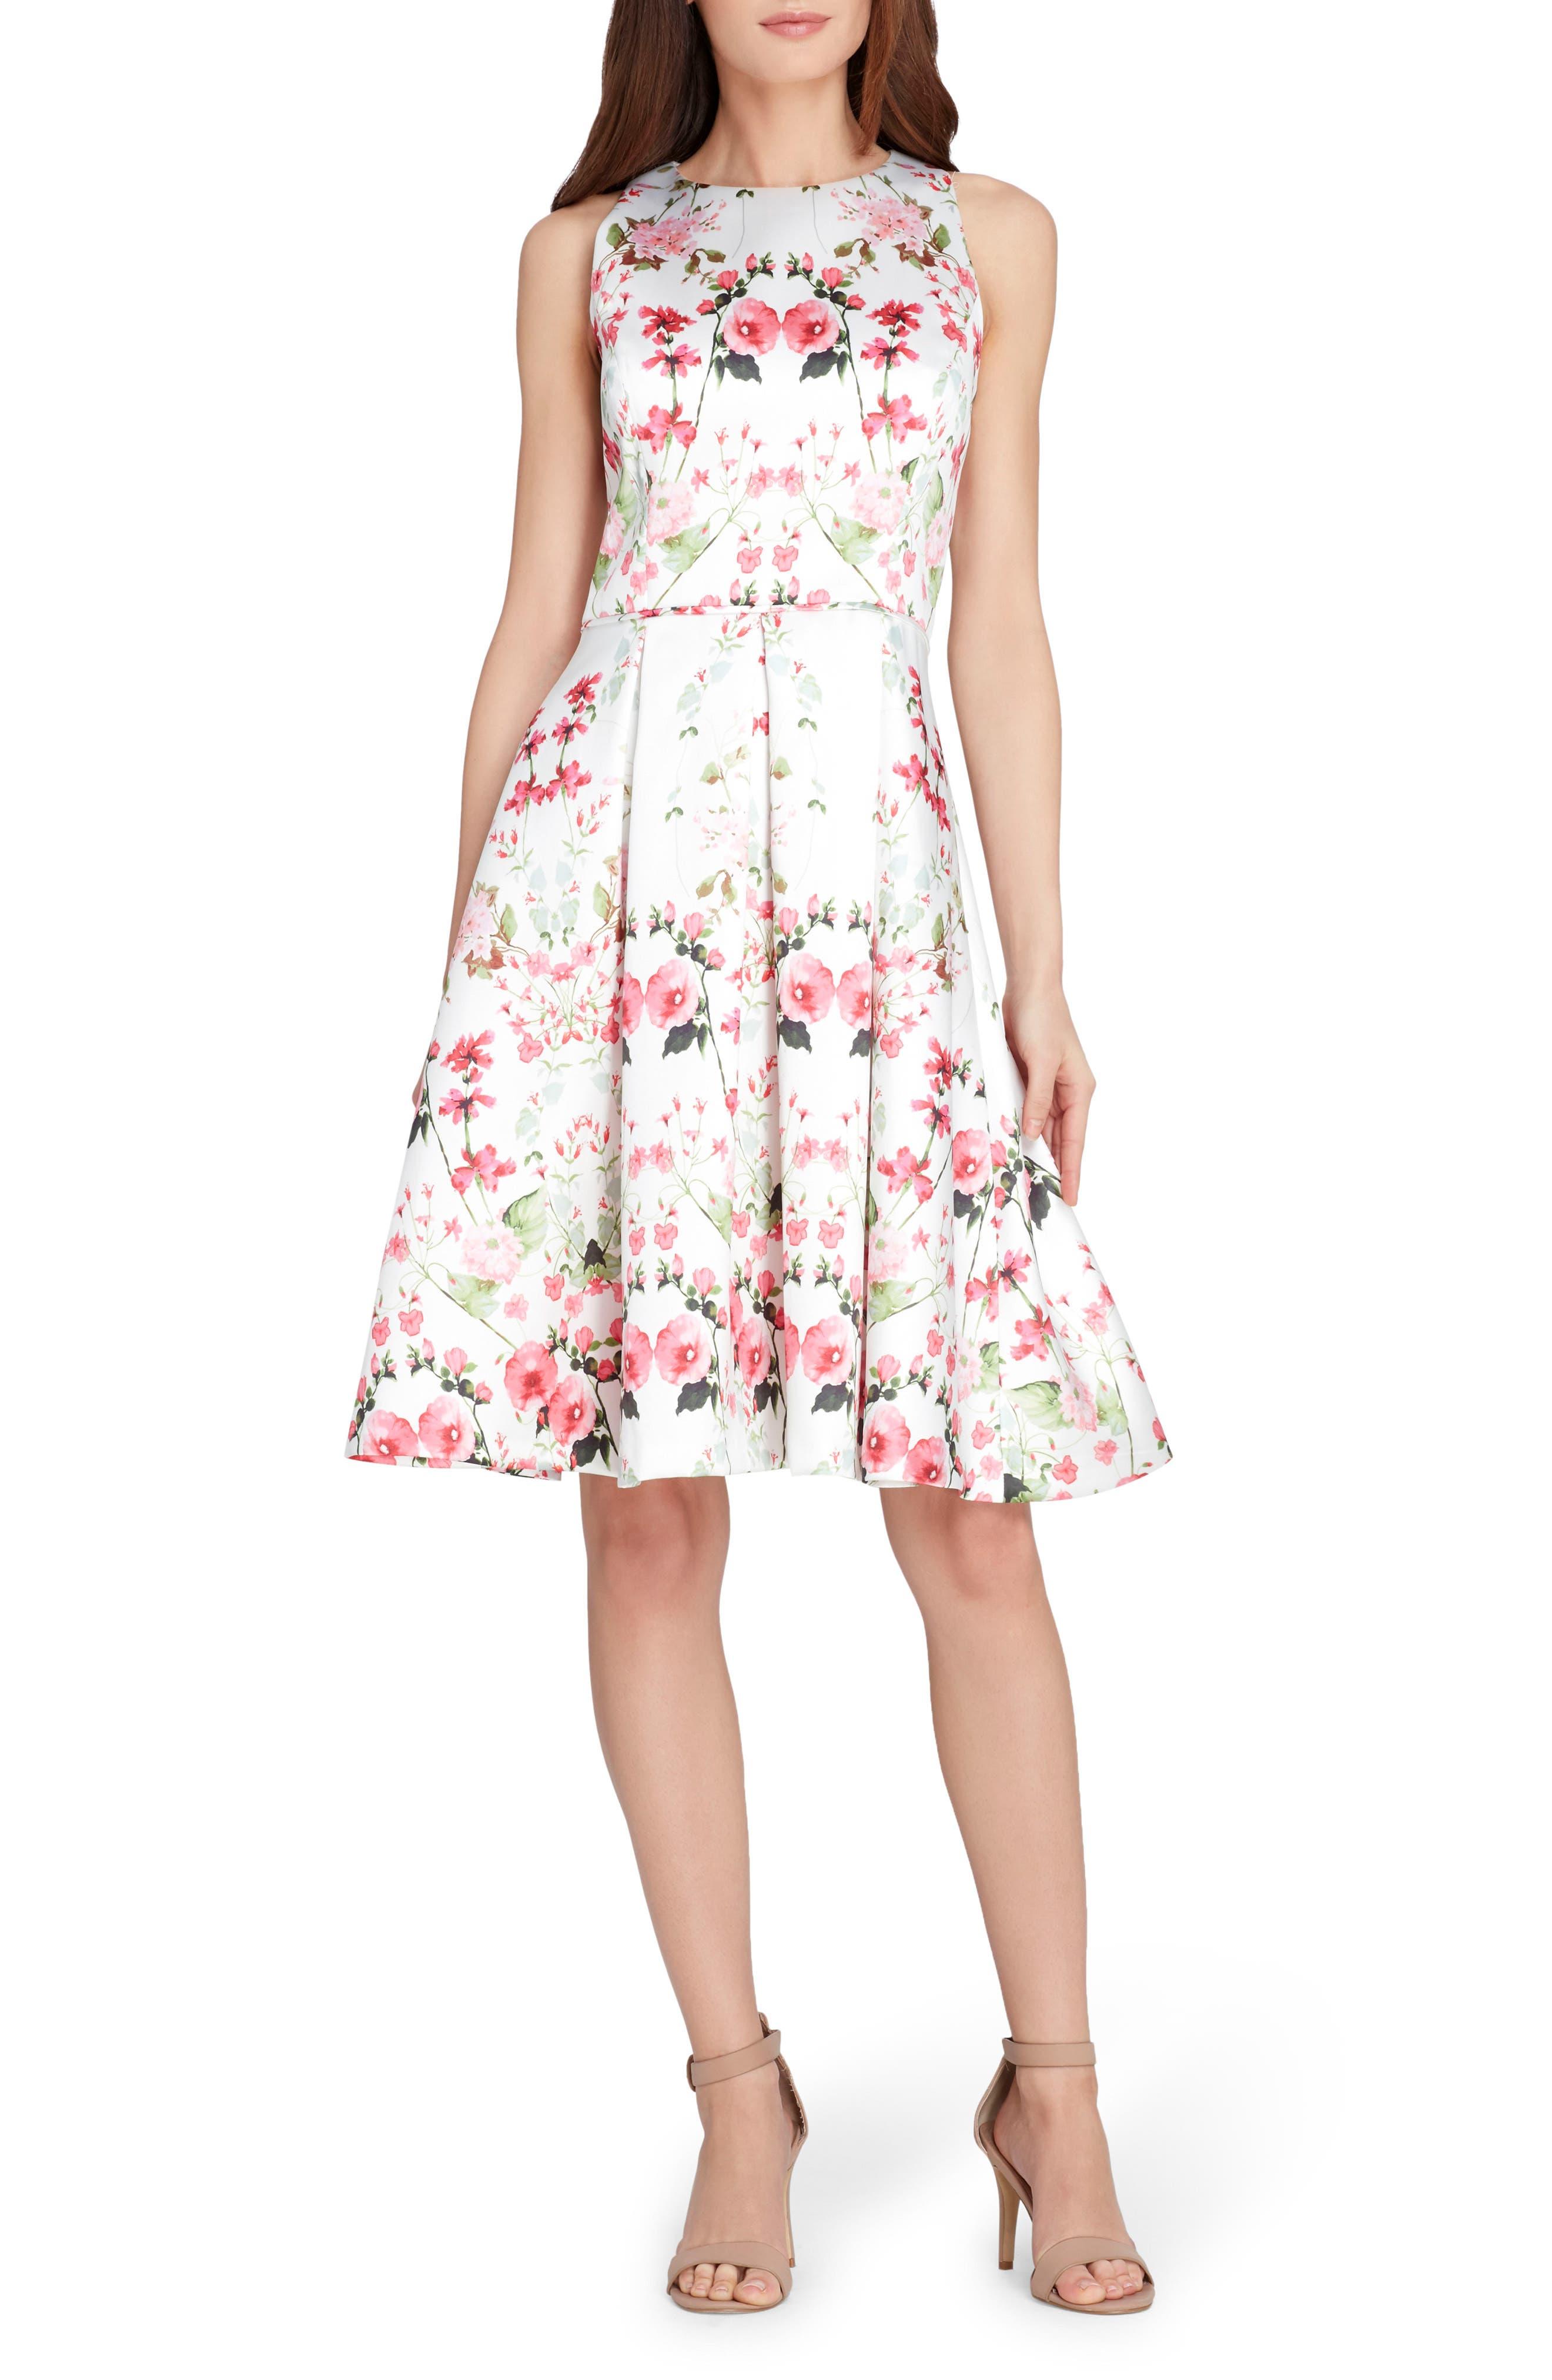 Main Image - Tahari Micado Floral Print Fit & Flare Dress (Regular & Petite)